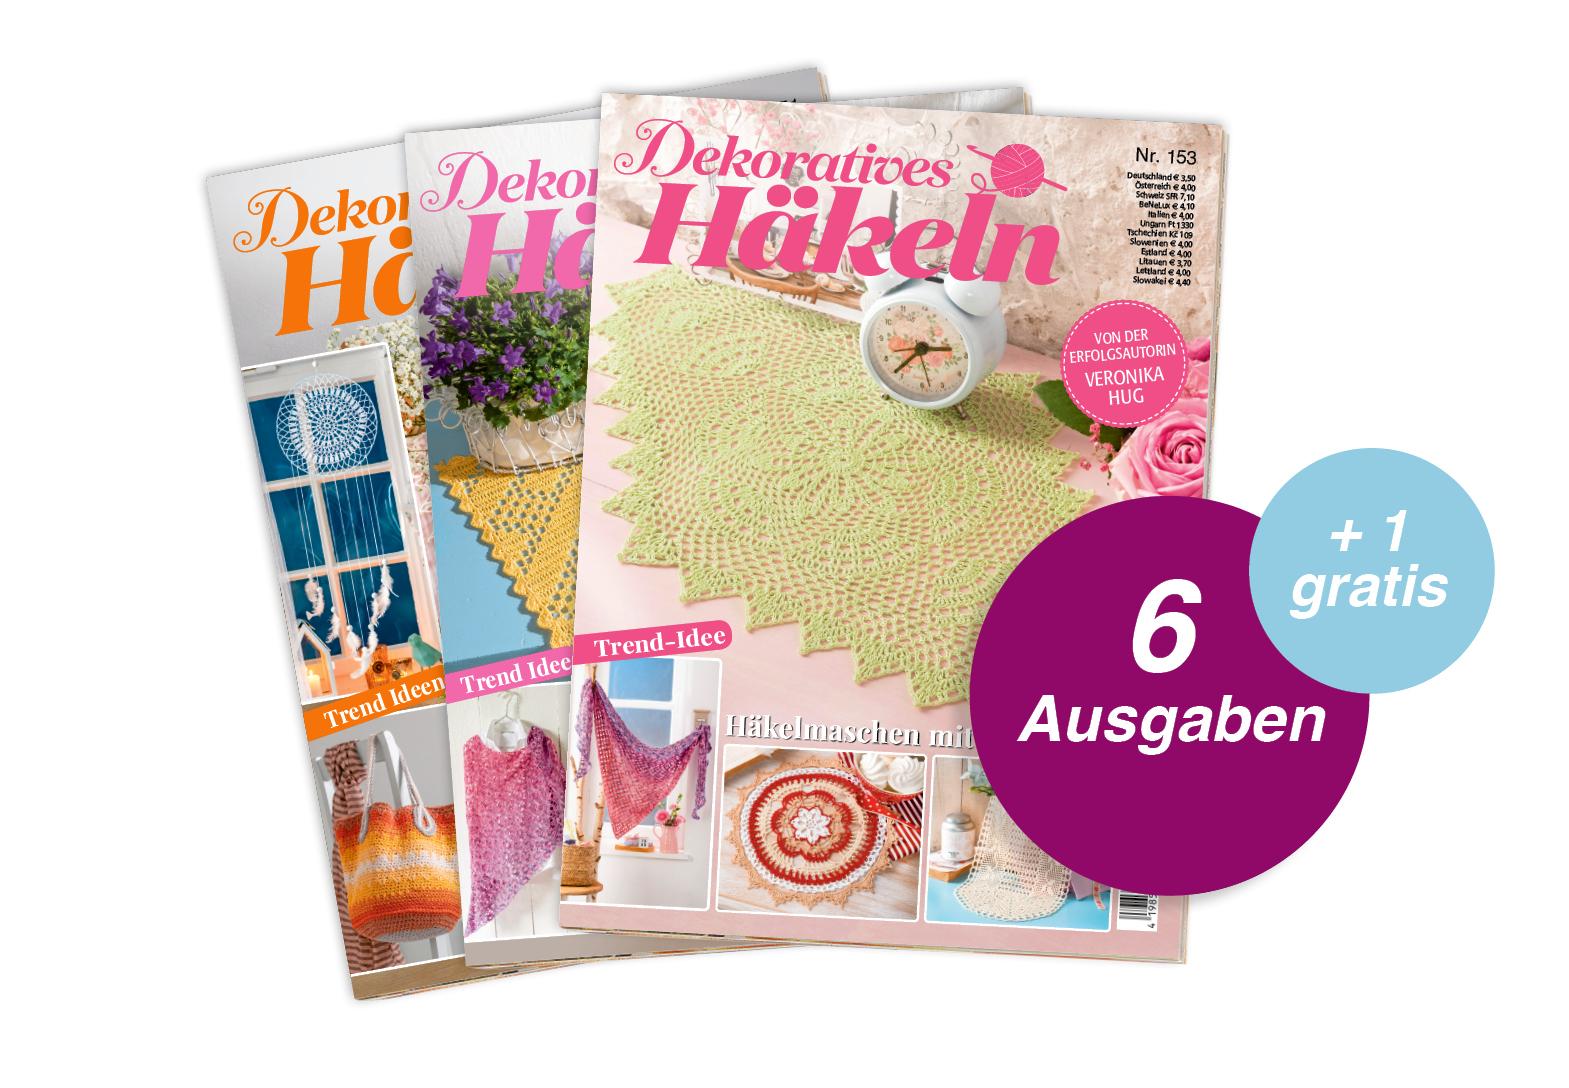 Dekoratives Häkeln- Jahresabo + 1 Ausgabe gratis